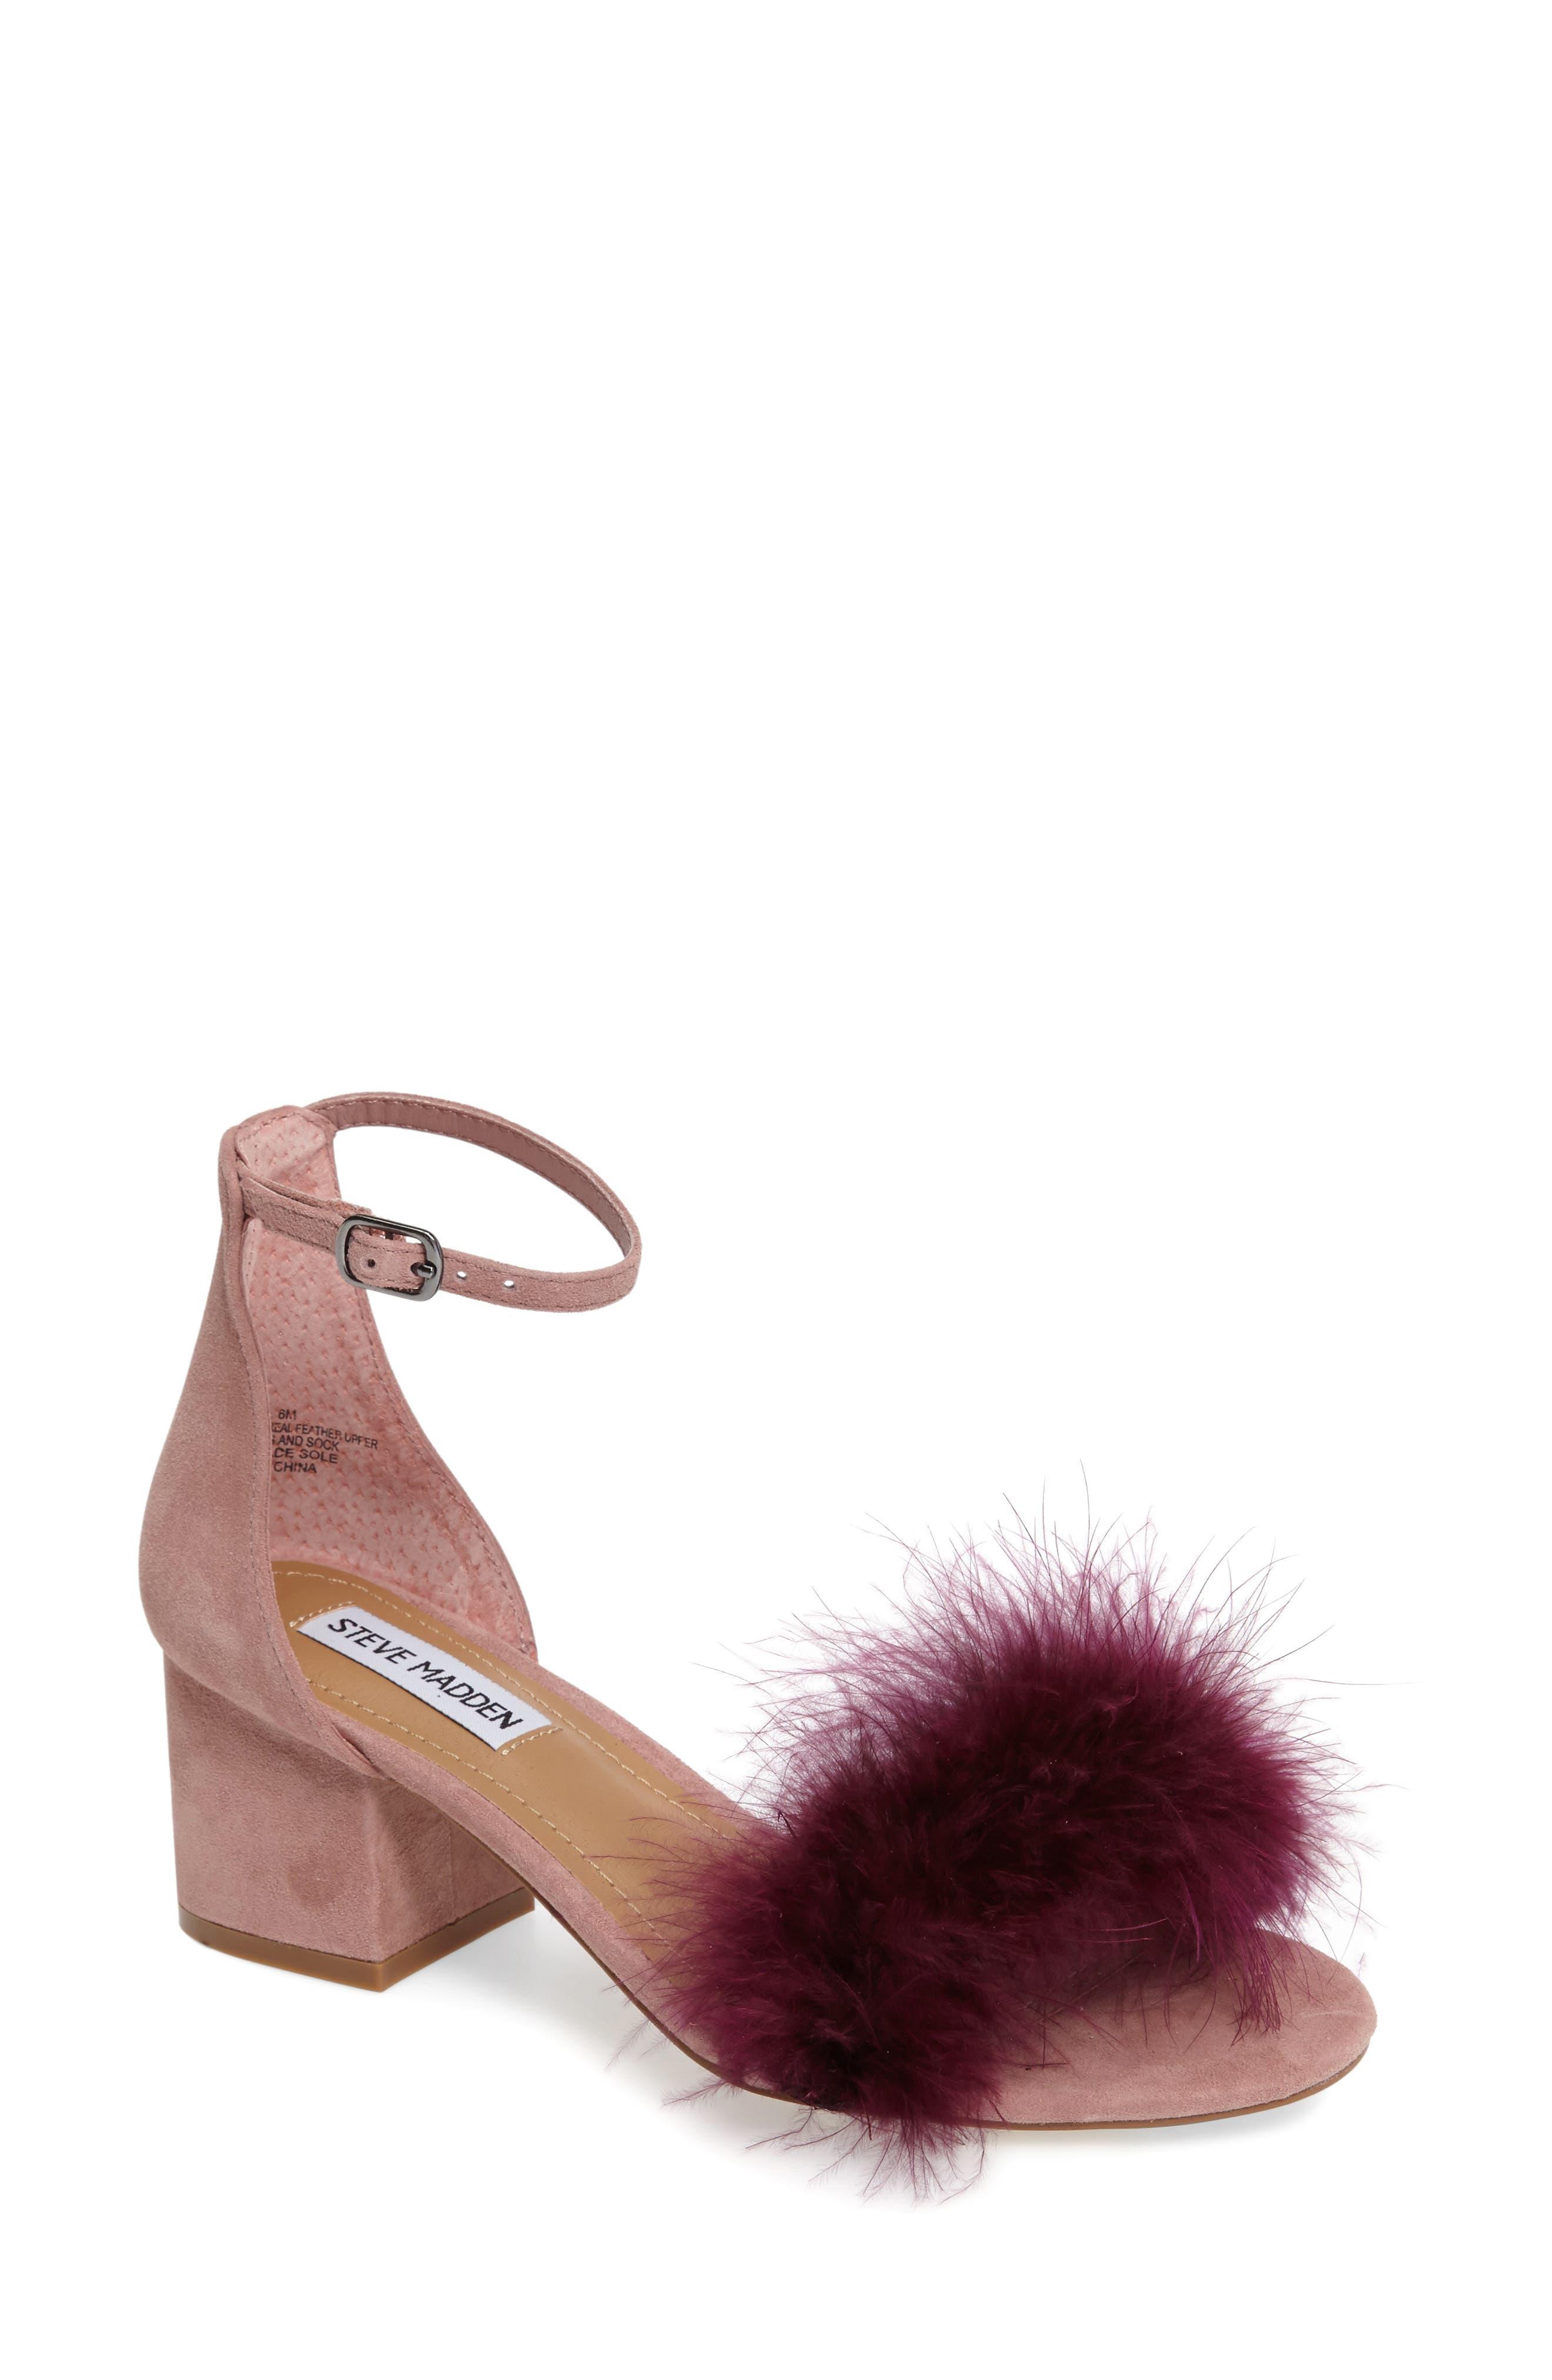 STEVE MADDEN Imelda Marabou Sandal